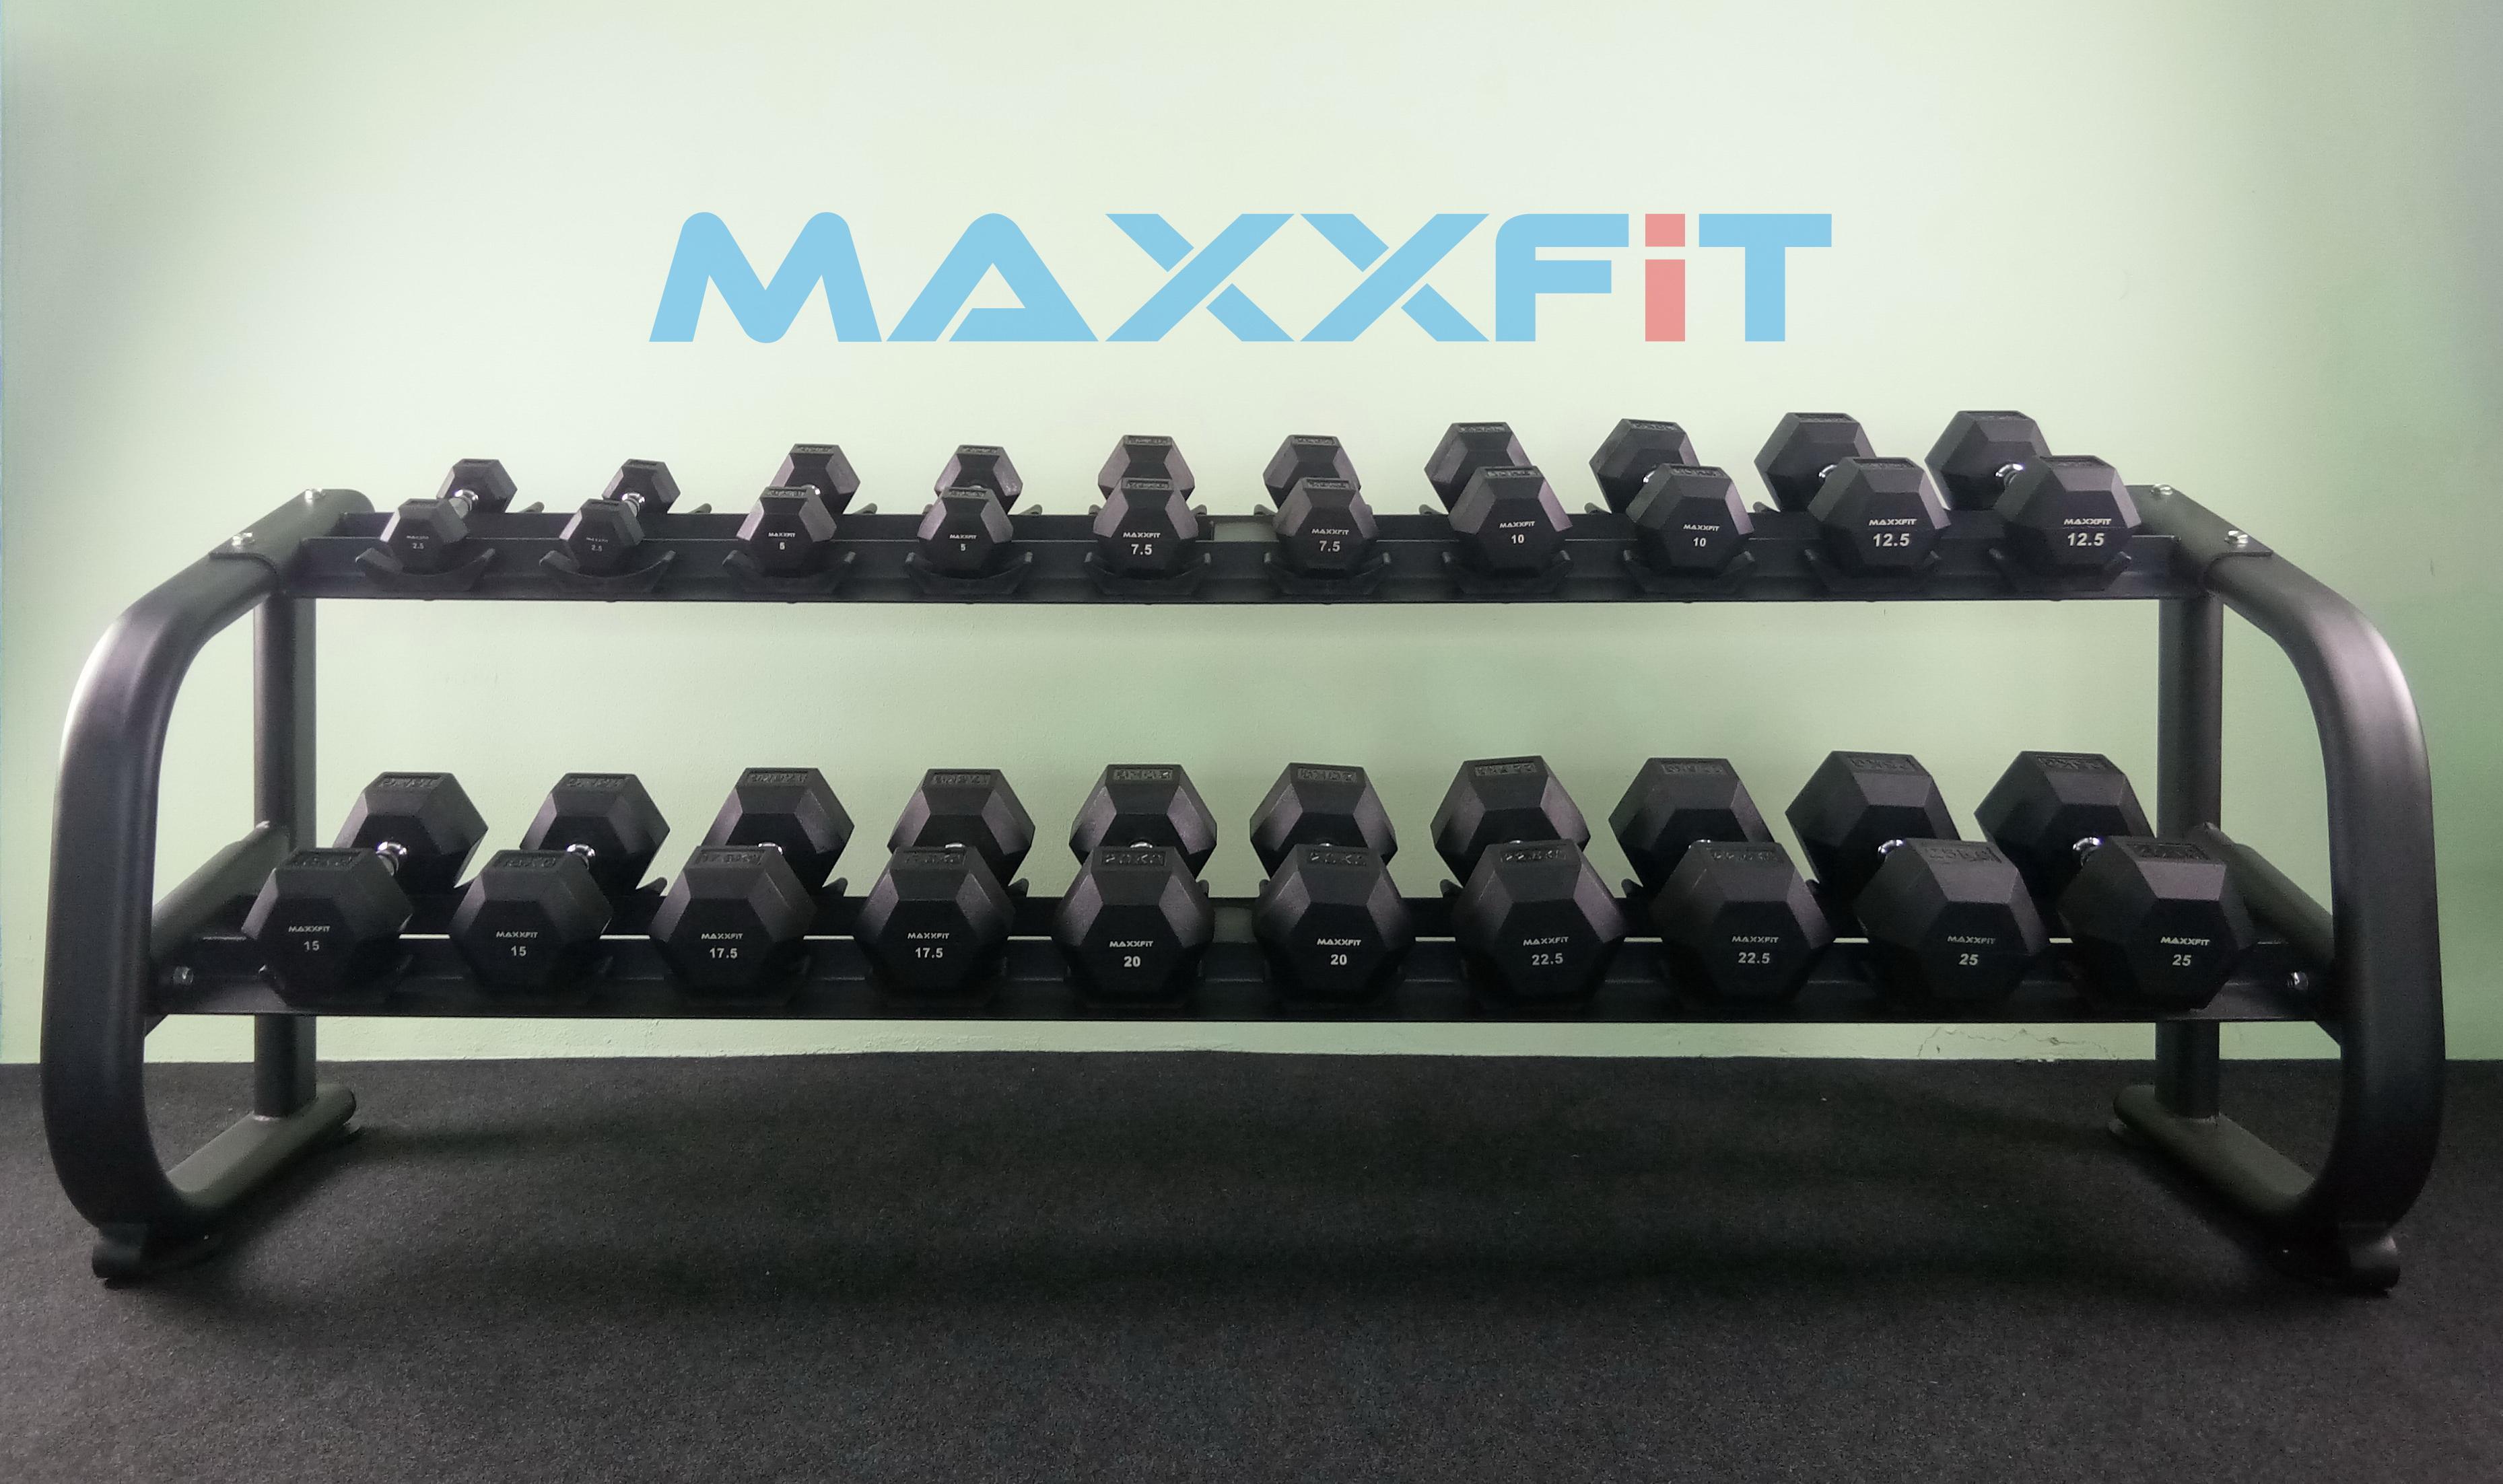 ชุดดัมเบล MAXXFiT ทรงเหลี่ยม ขนาด 2.5 - 25 KG. (10 คู่) พร้อมชั้นวาง 2 ชั้น 10 คู่ สีดำ RK 1304